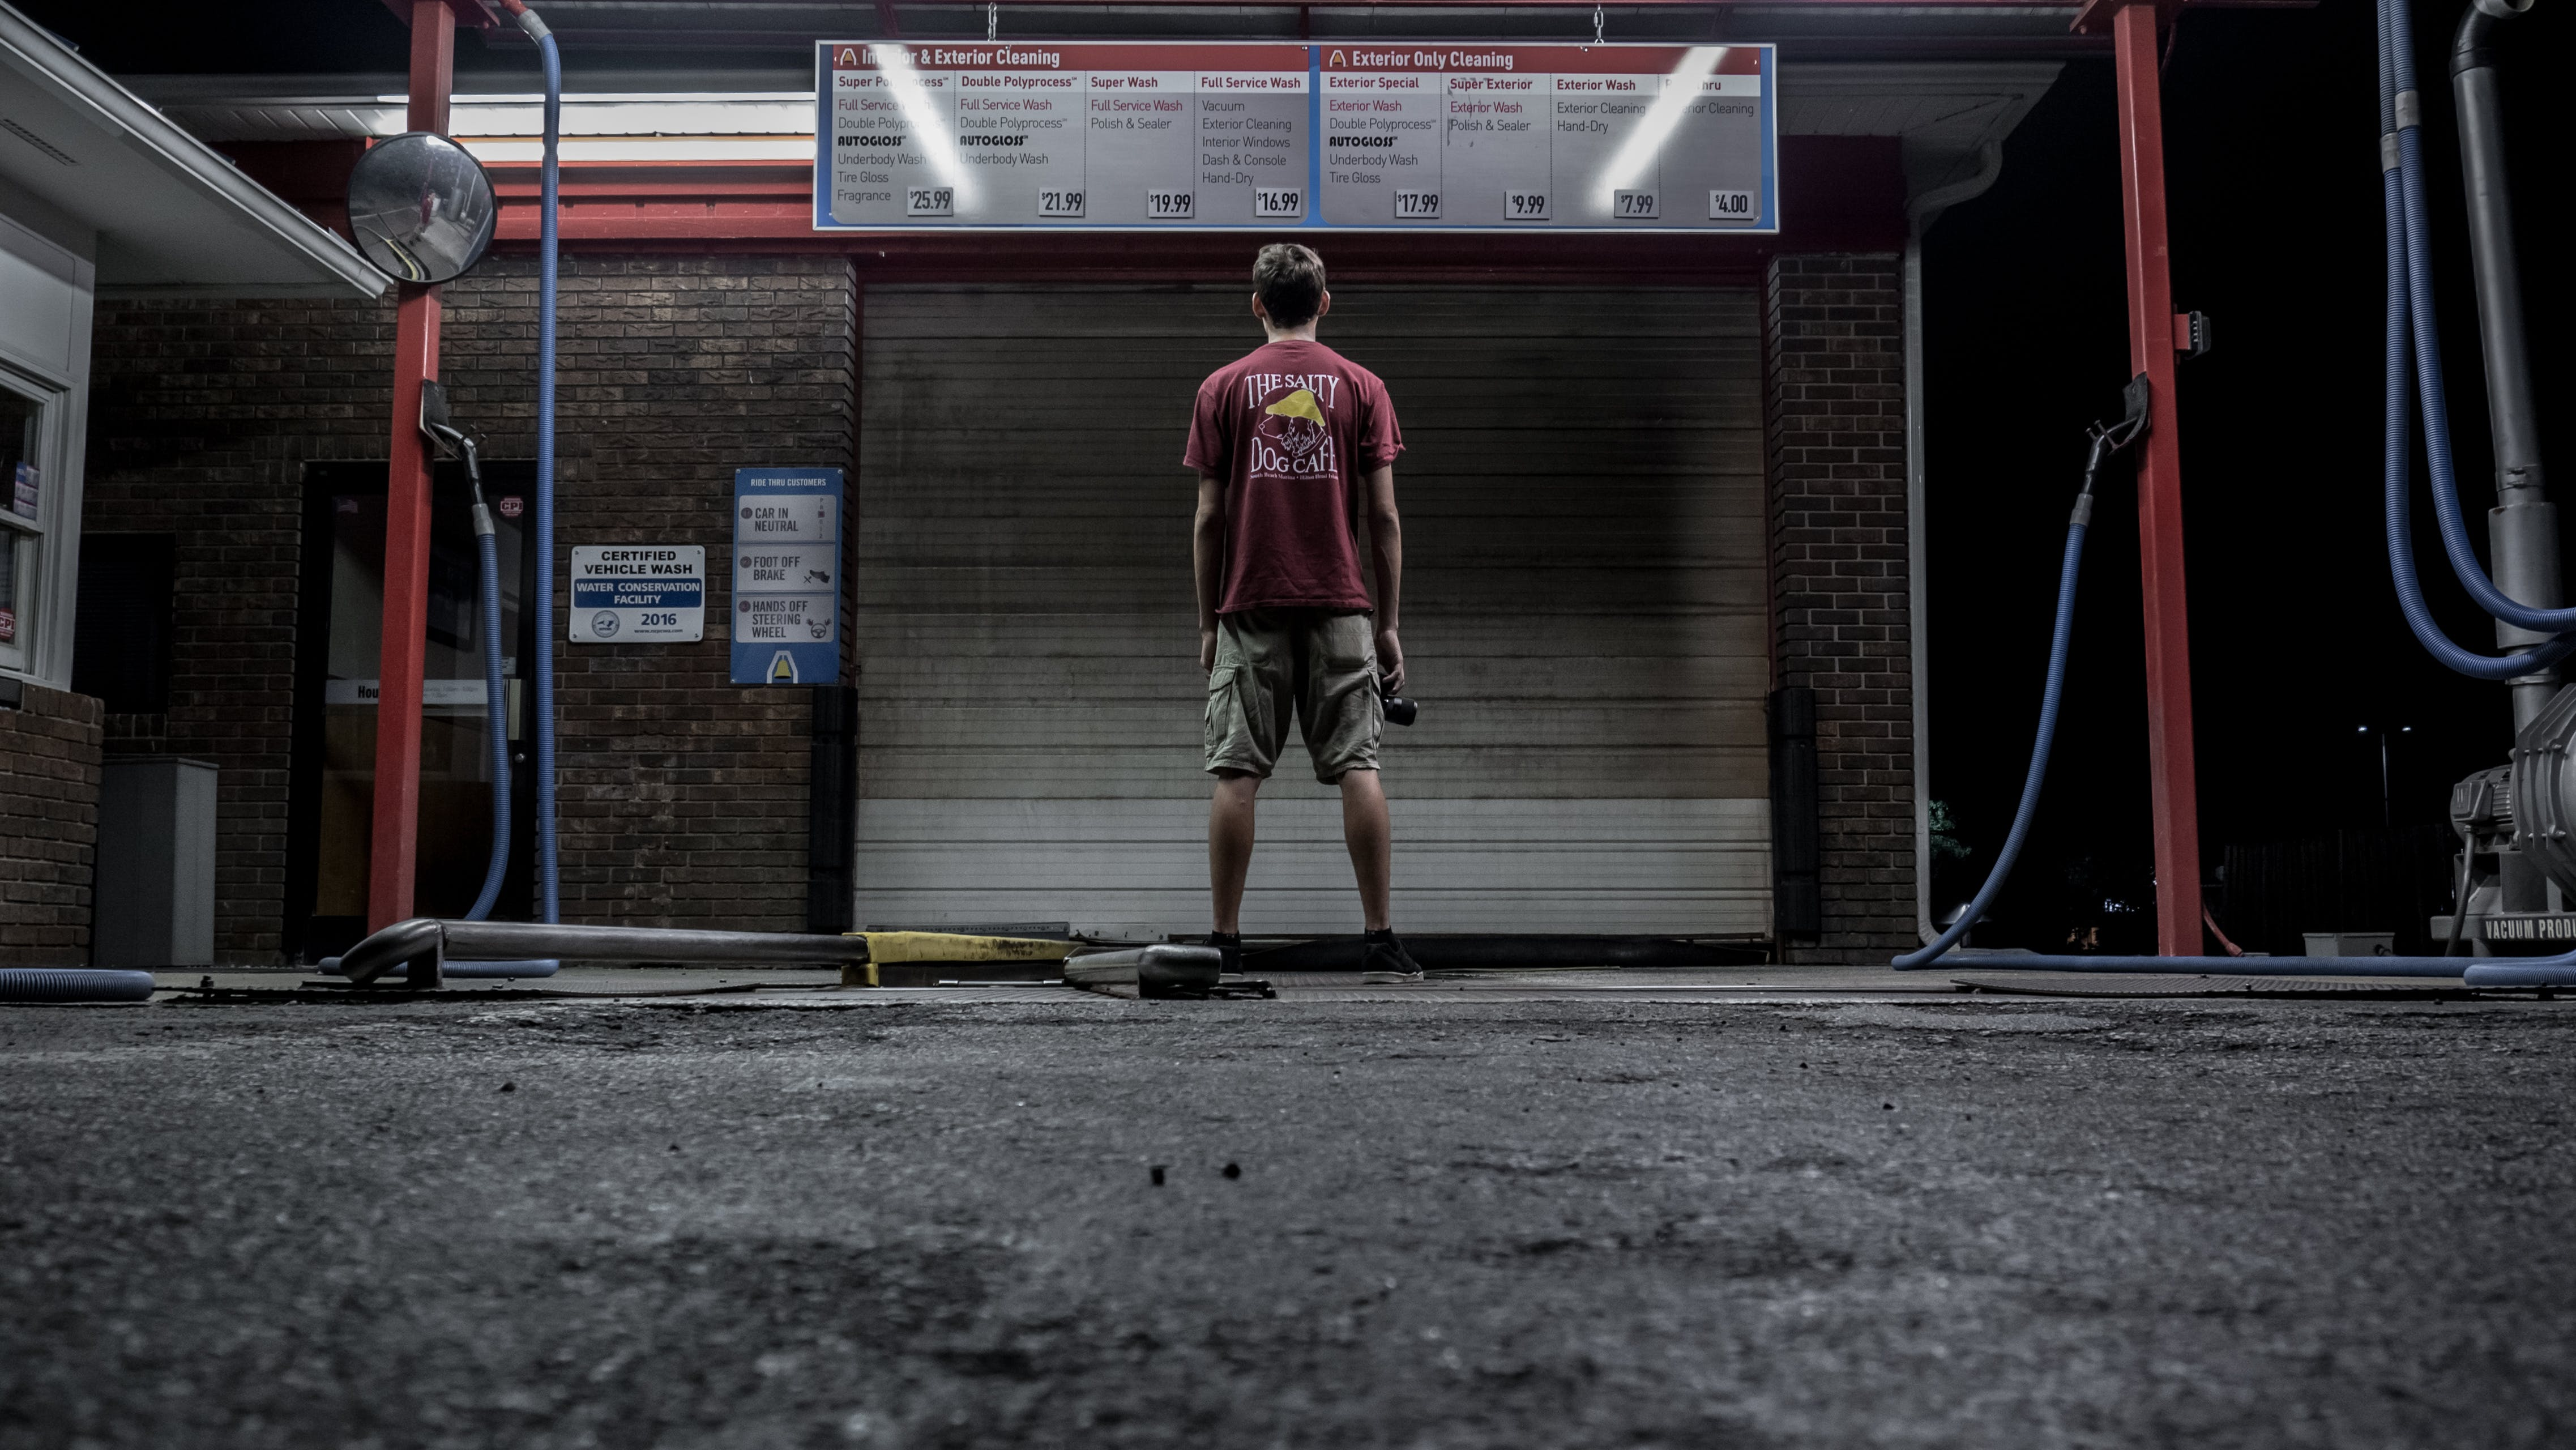 Man in Red Top Standing Outdoor